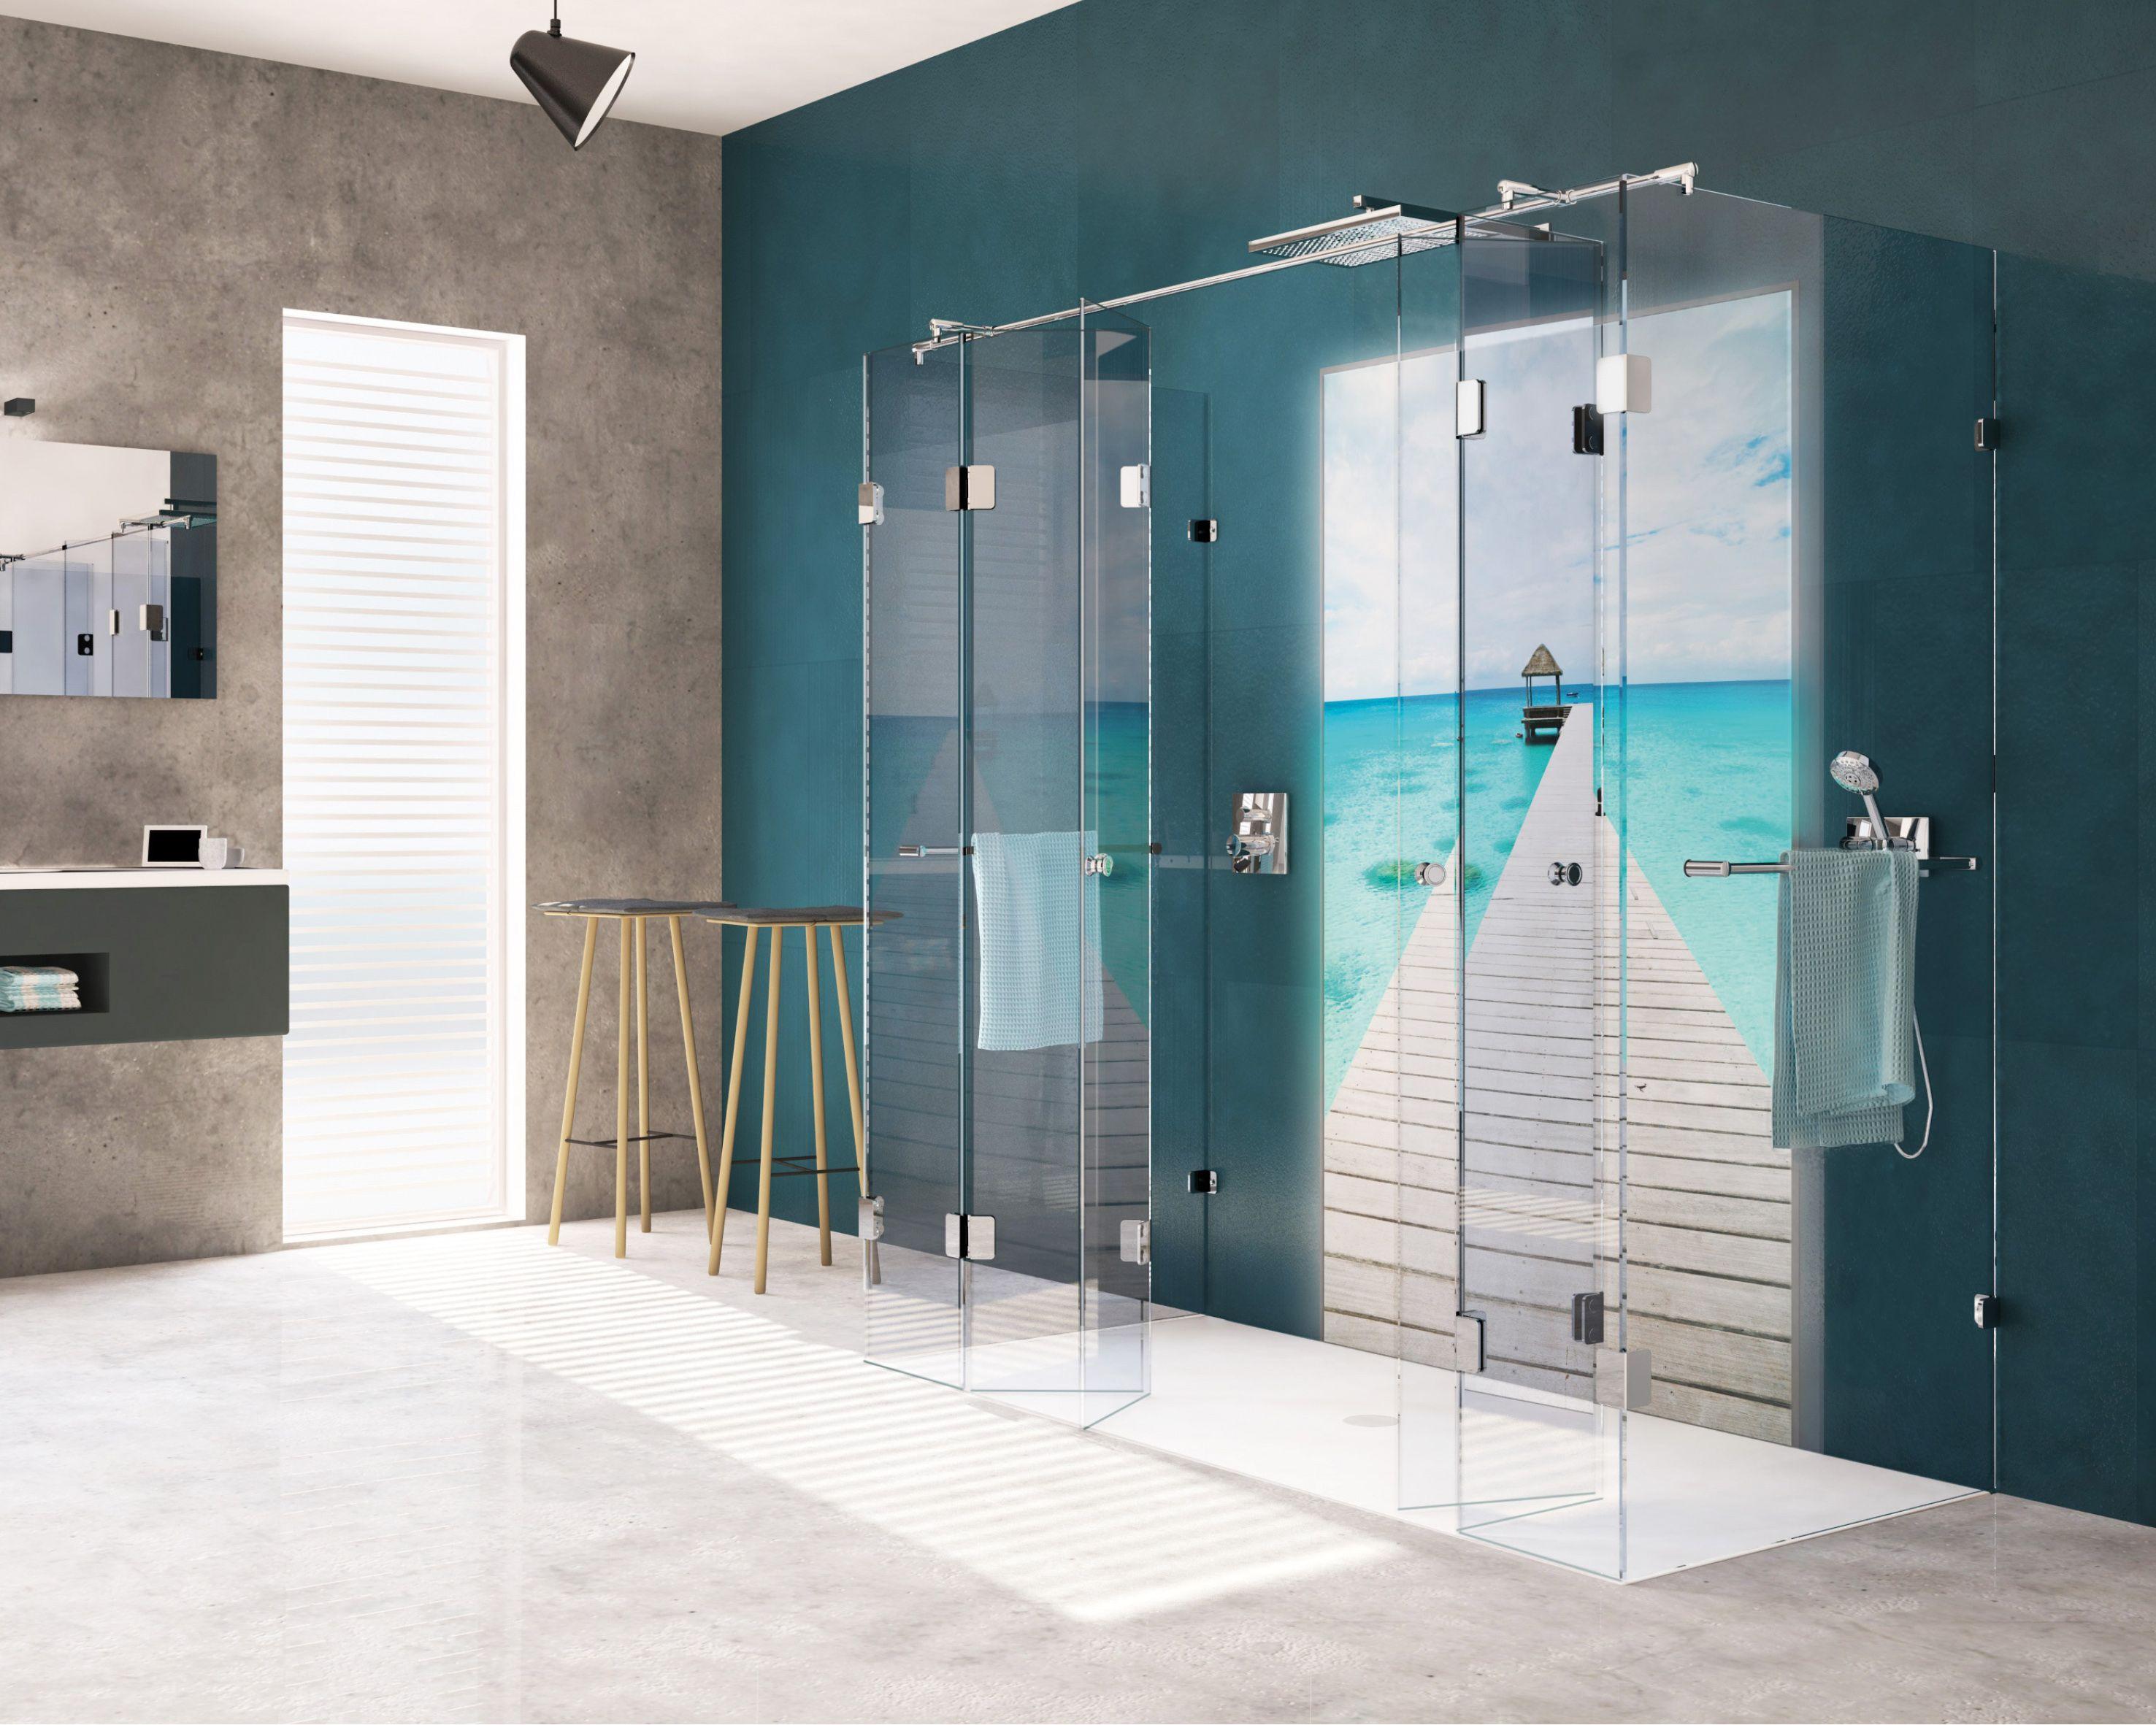 Badewannentausch gegen eine Dusche Bitte die Badewanne tauschen gegen eine Dusche   Dusche ...